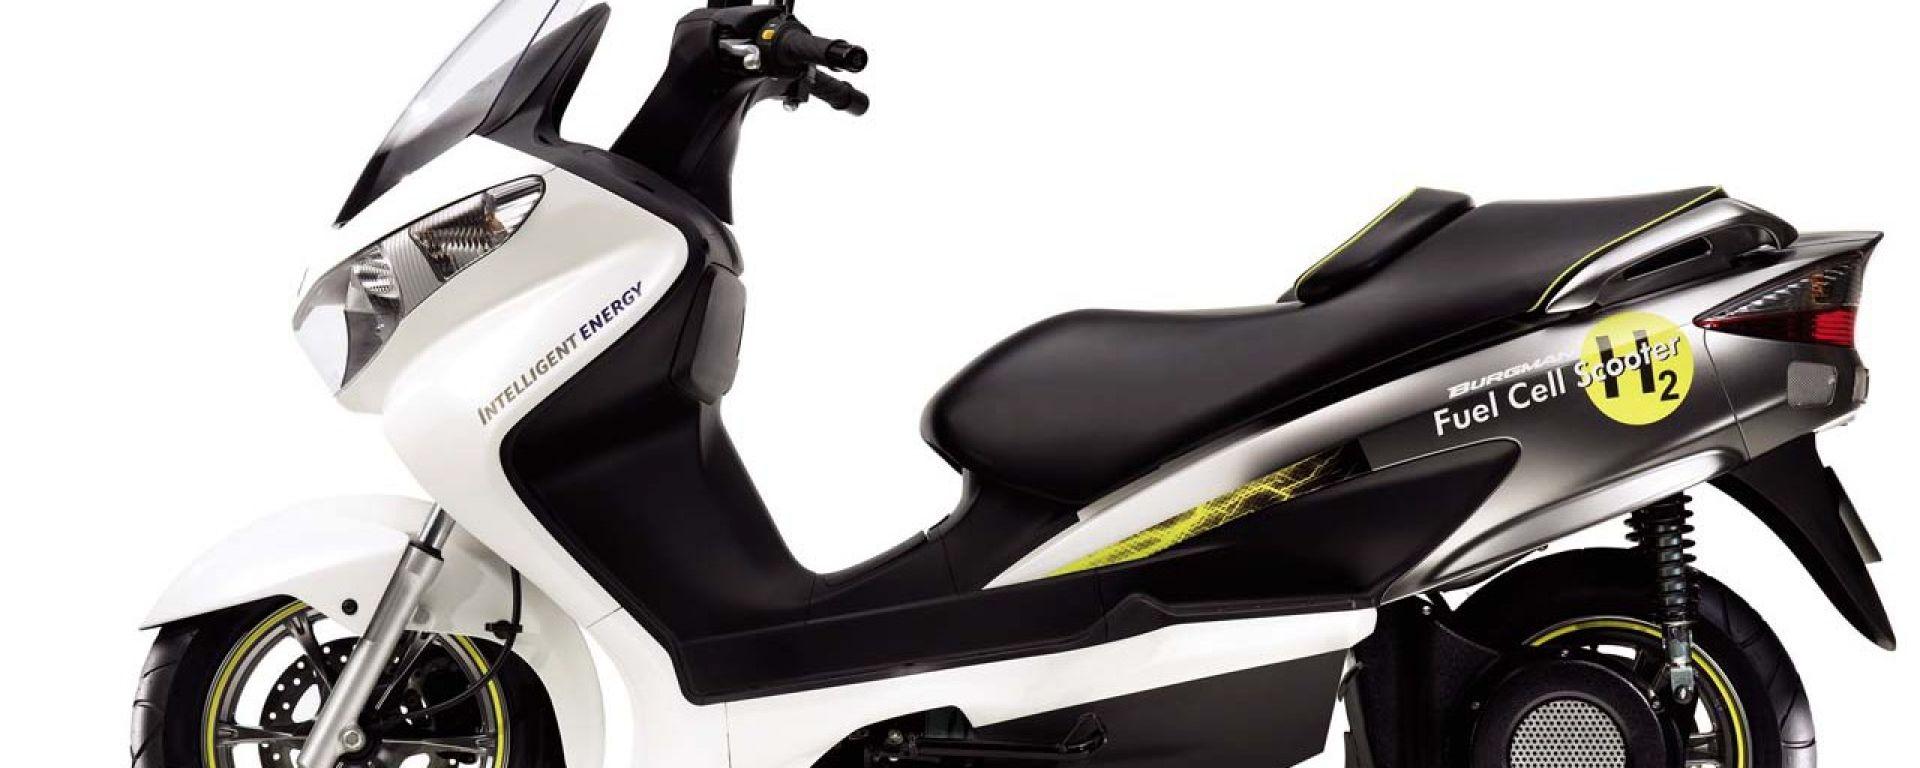 Suzuki Burgman Fuel Cell al salone di Francoforte